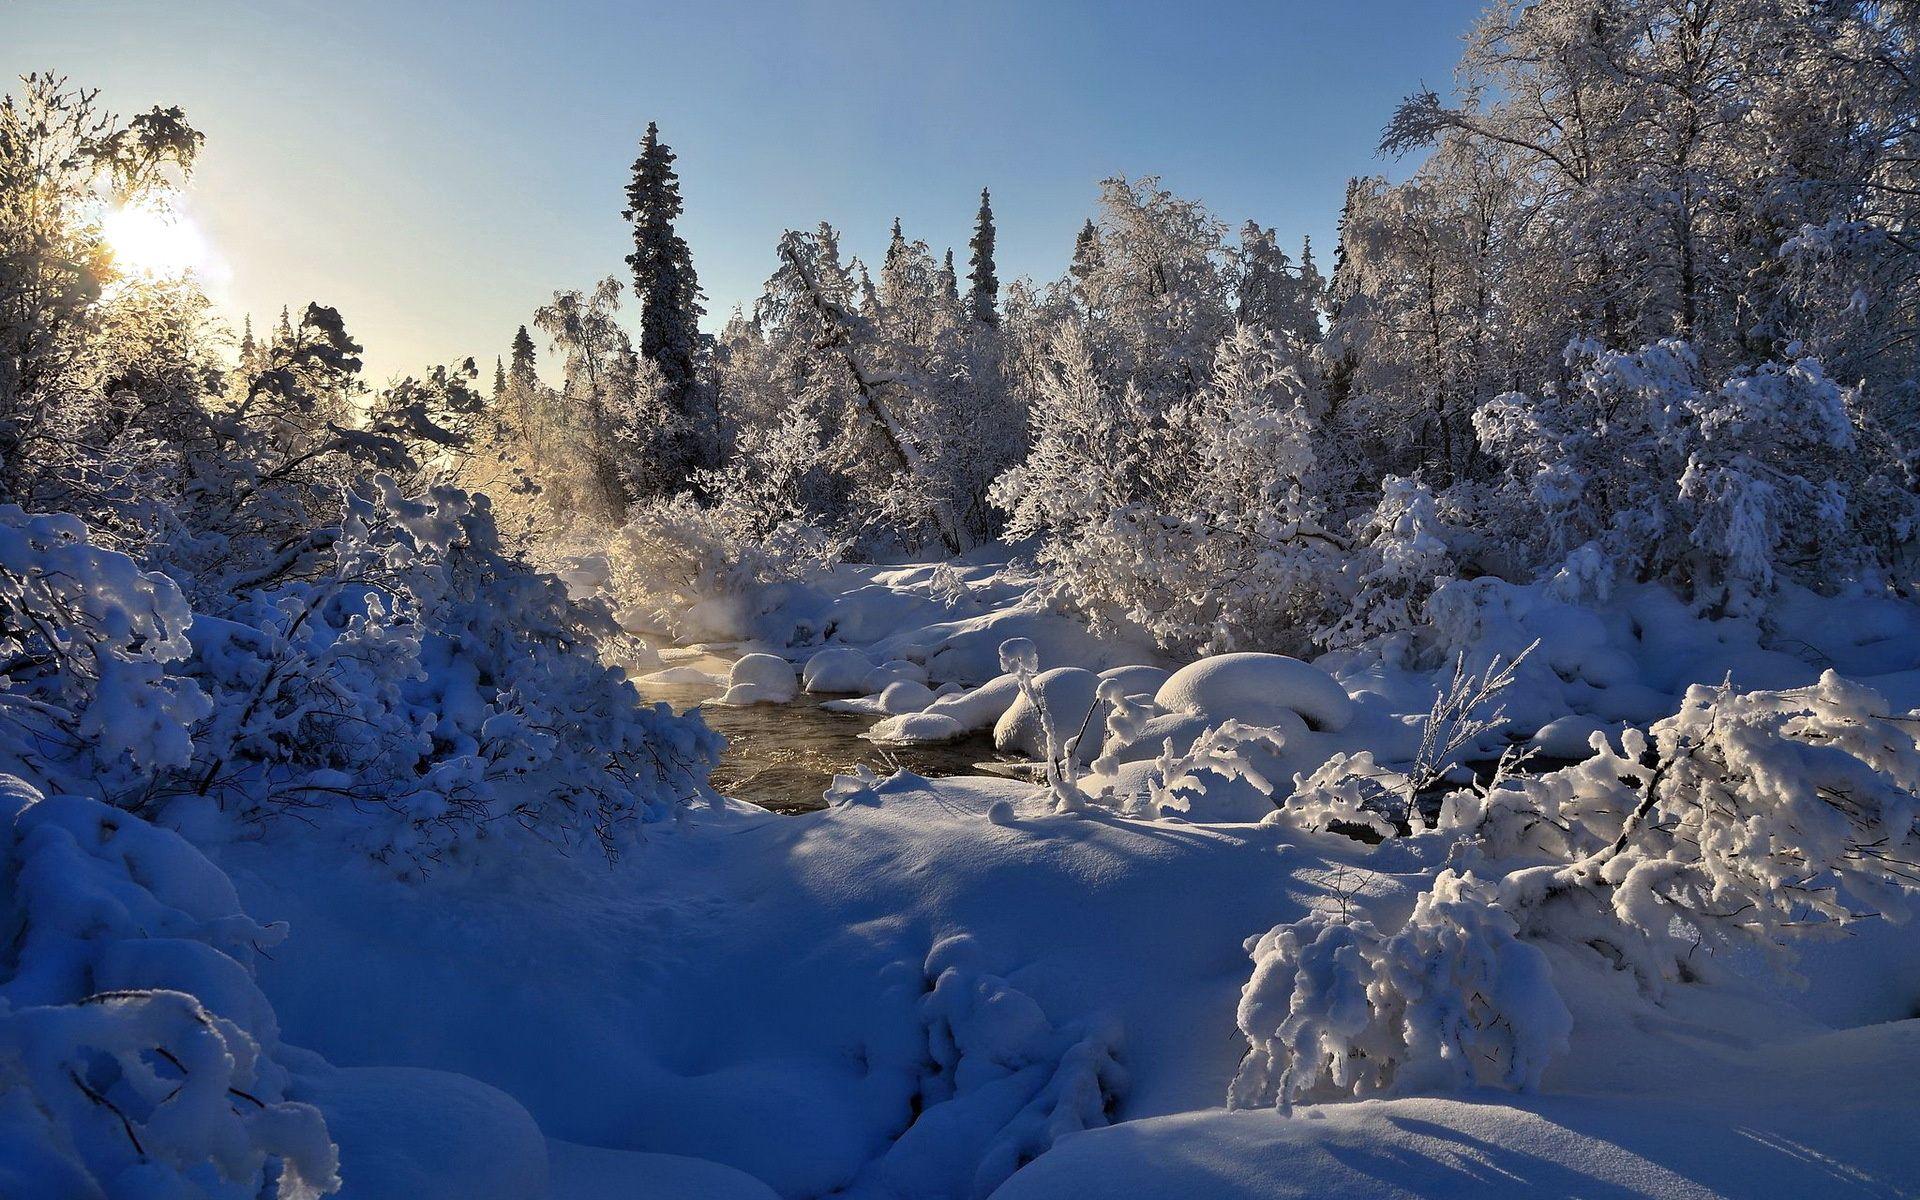 111101 Hintergrundbild herunterladen Schnee, Winterreifen, Natur, Flüsse, Bäume, Dampf - Bildschirmschoner und Bilder kostenlos